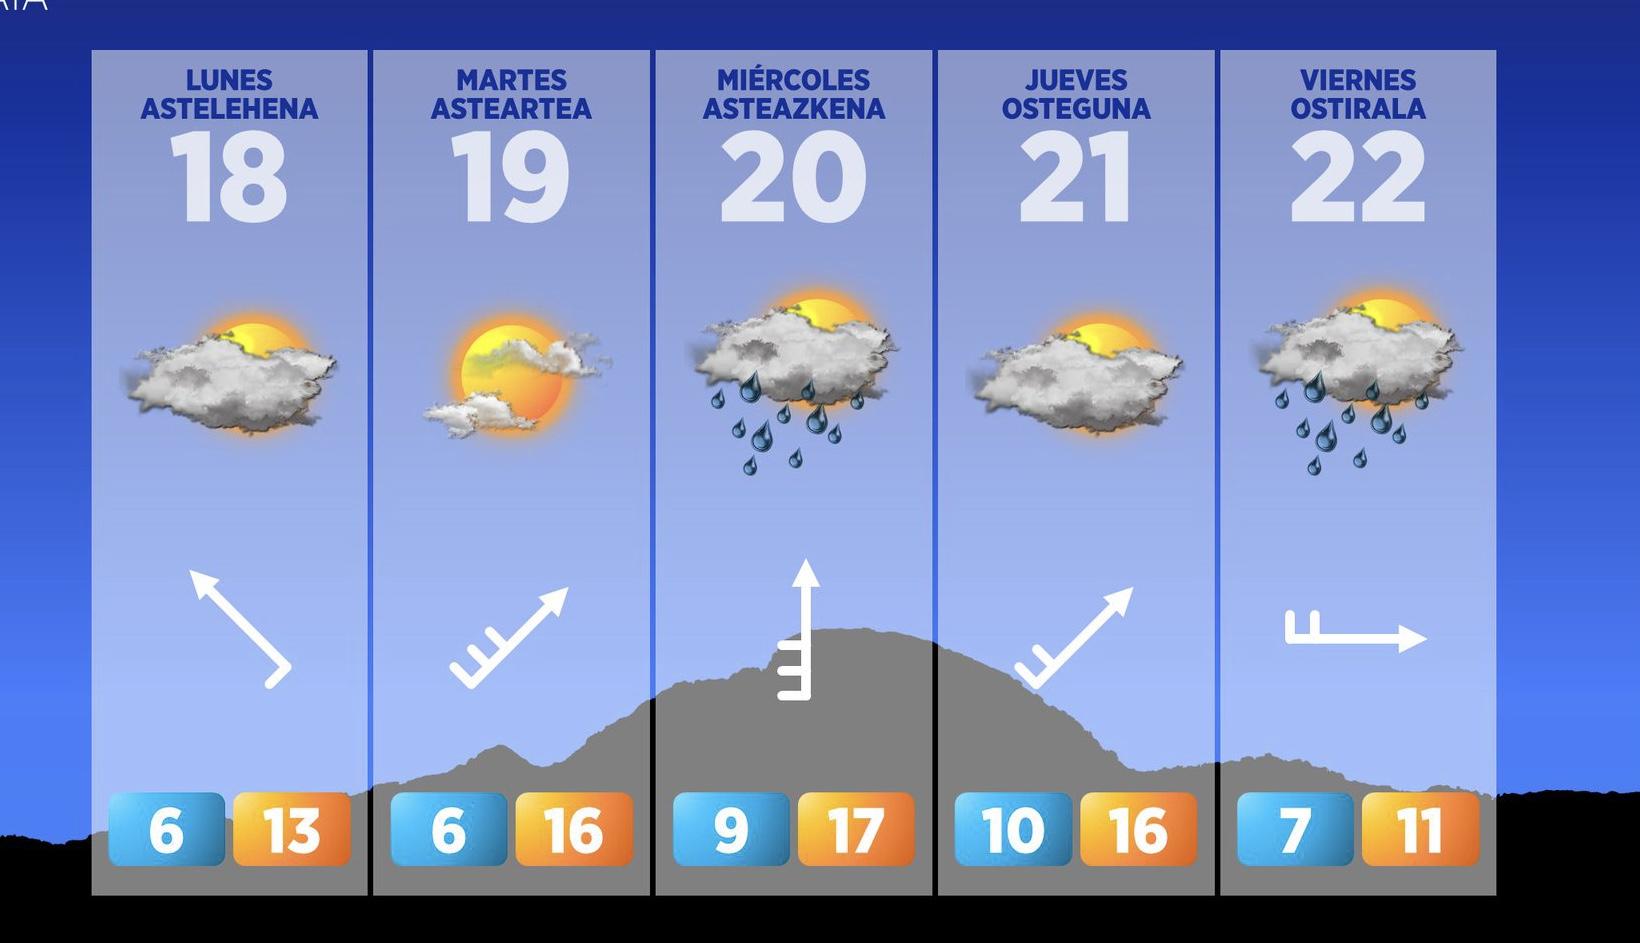 [eiberri.eus] Hasta el miércoles nubes y claros con temperaturas suaves